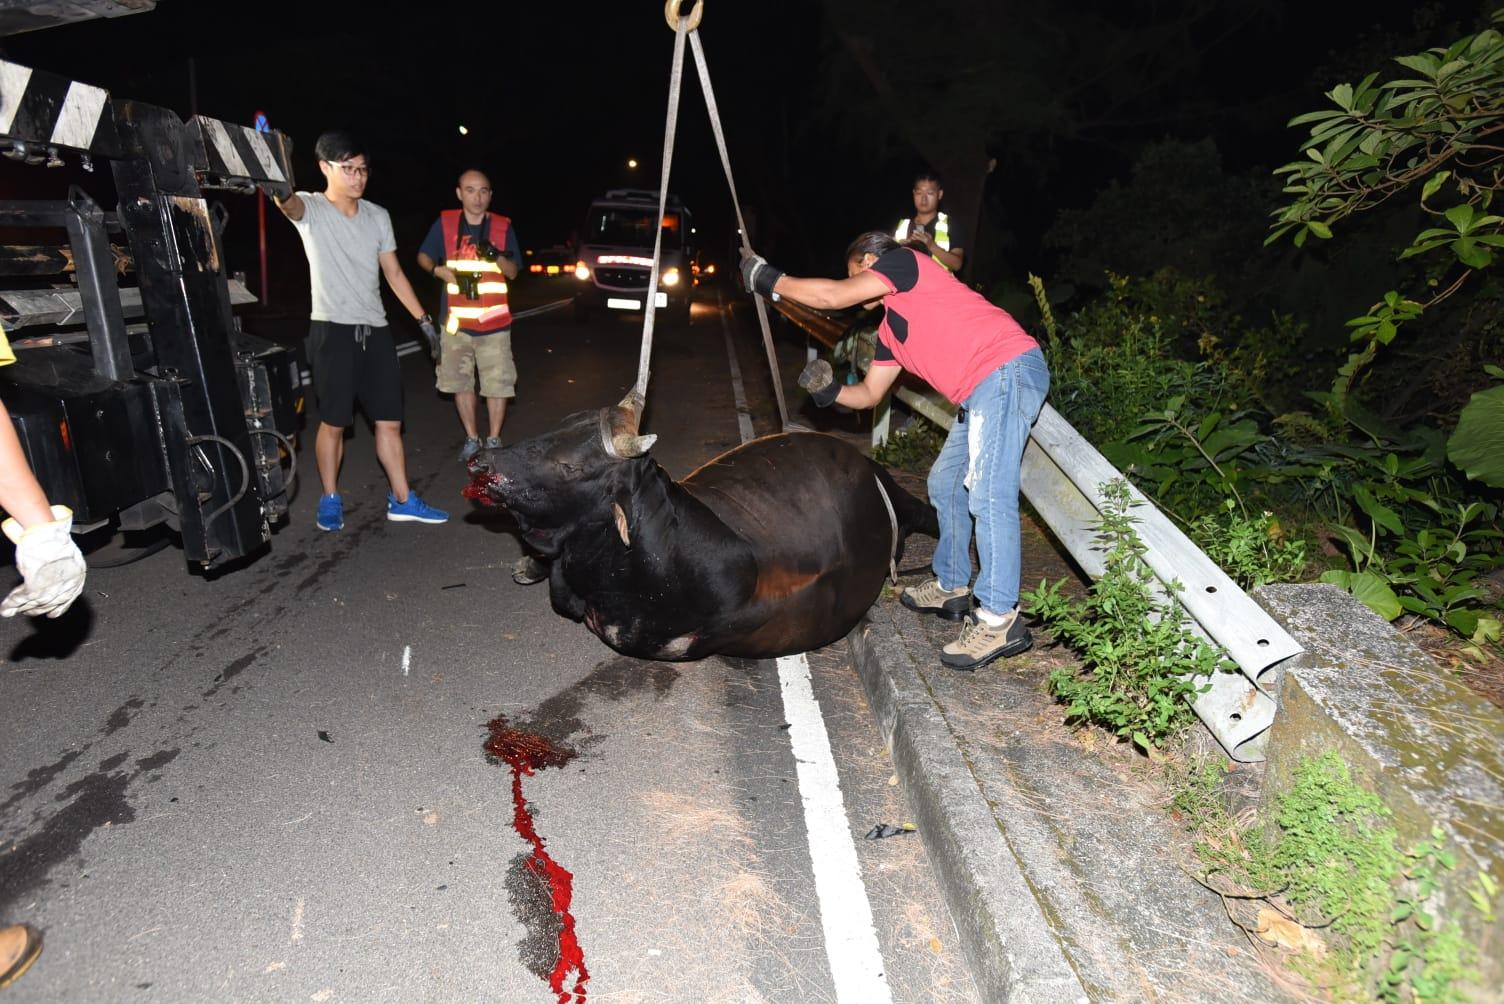 拖車吊起牛屍移往路邊。